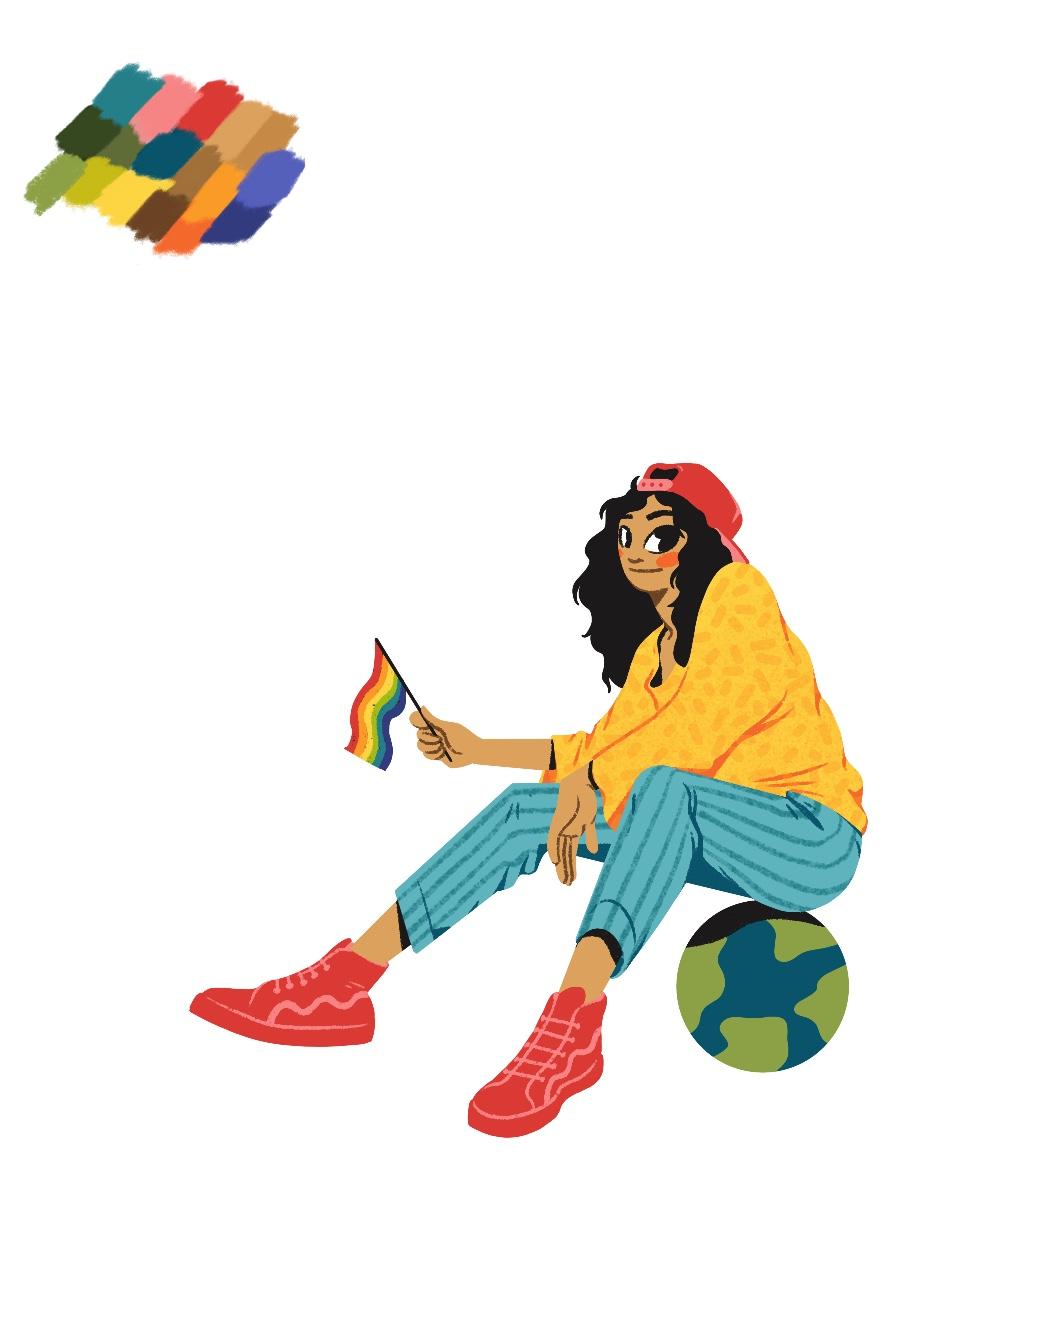 LGBTQ_Kid_3